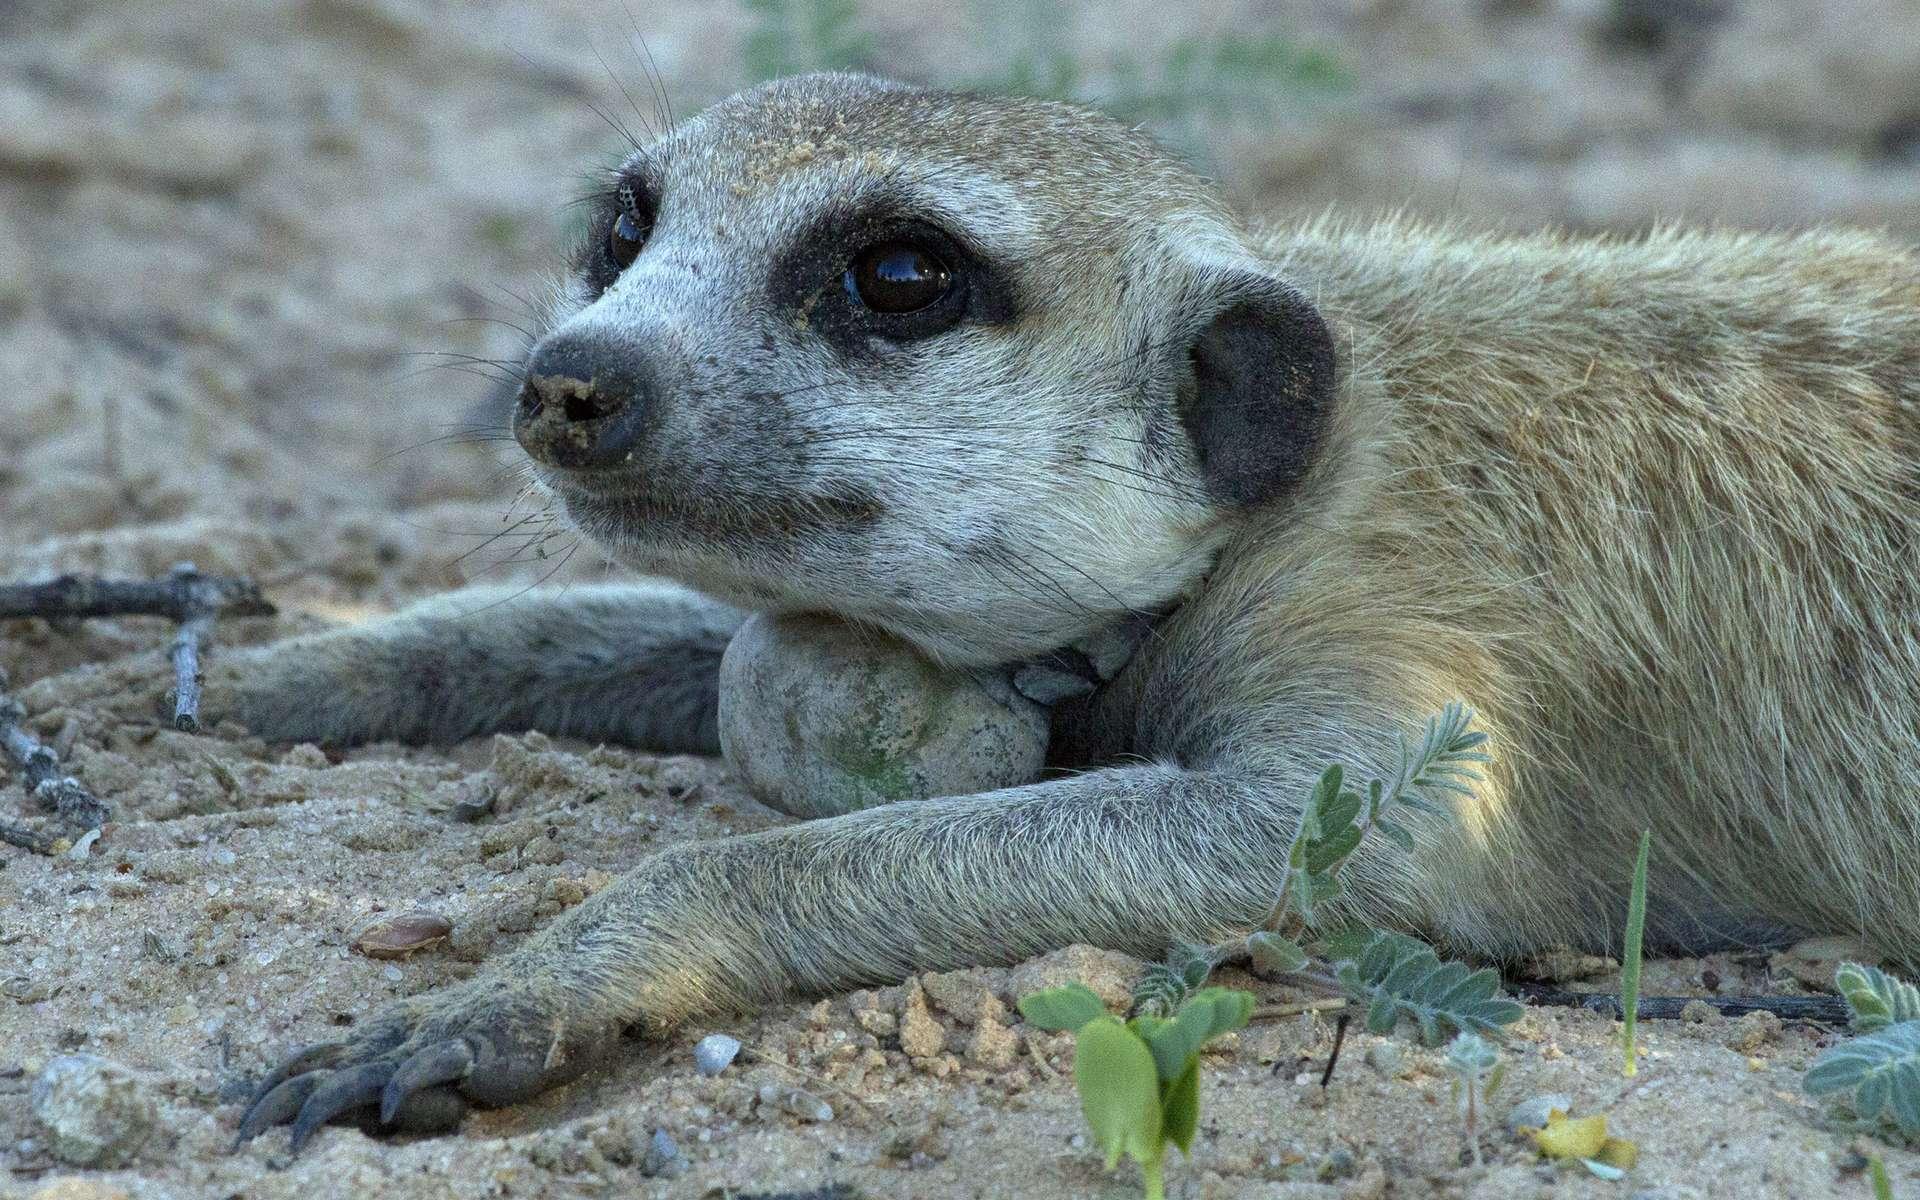 Ce suricate fait partie des photos récompensées par le BMC Ecology. © David Costantini, Muséum national d'histoire naturelle (MNHN)